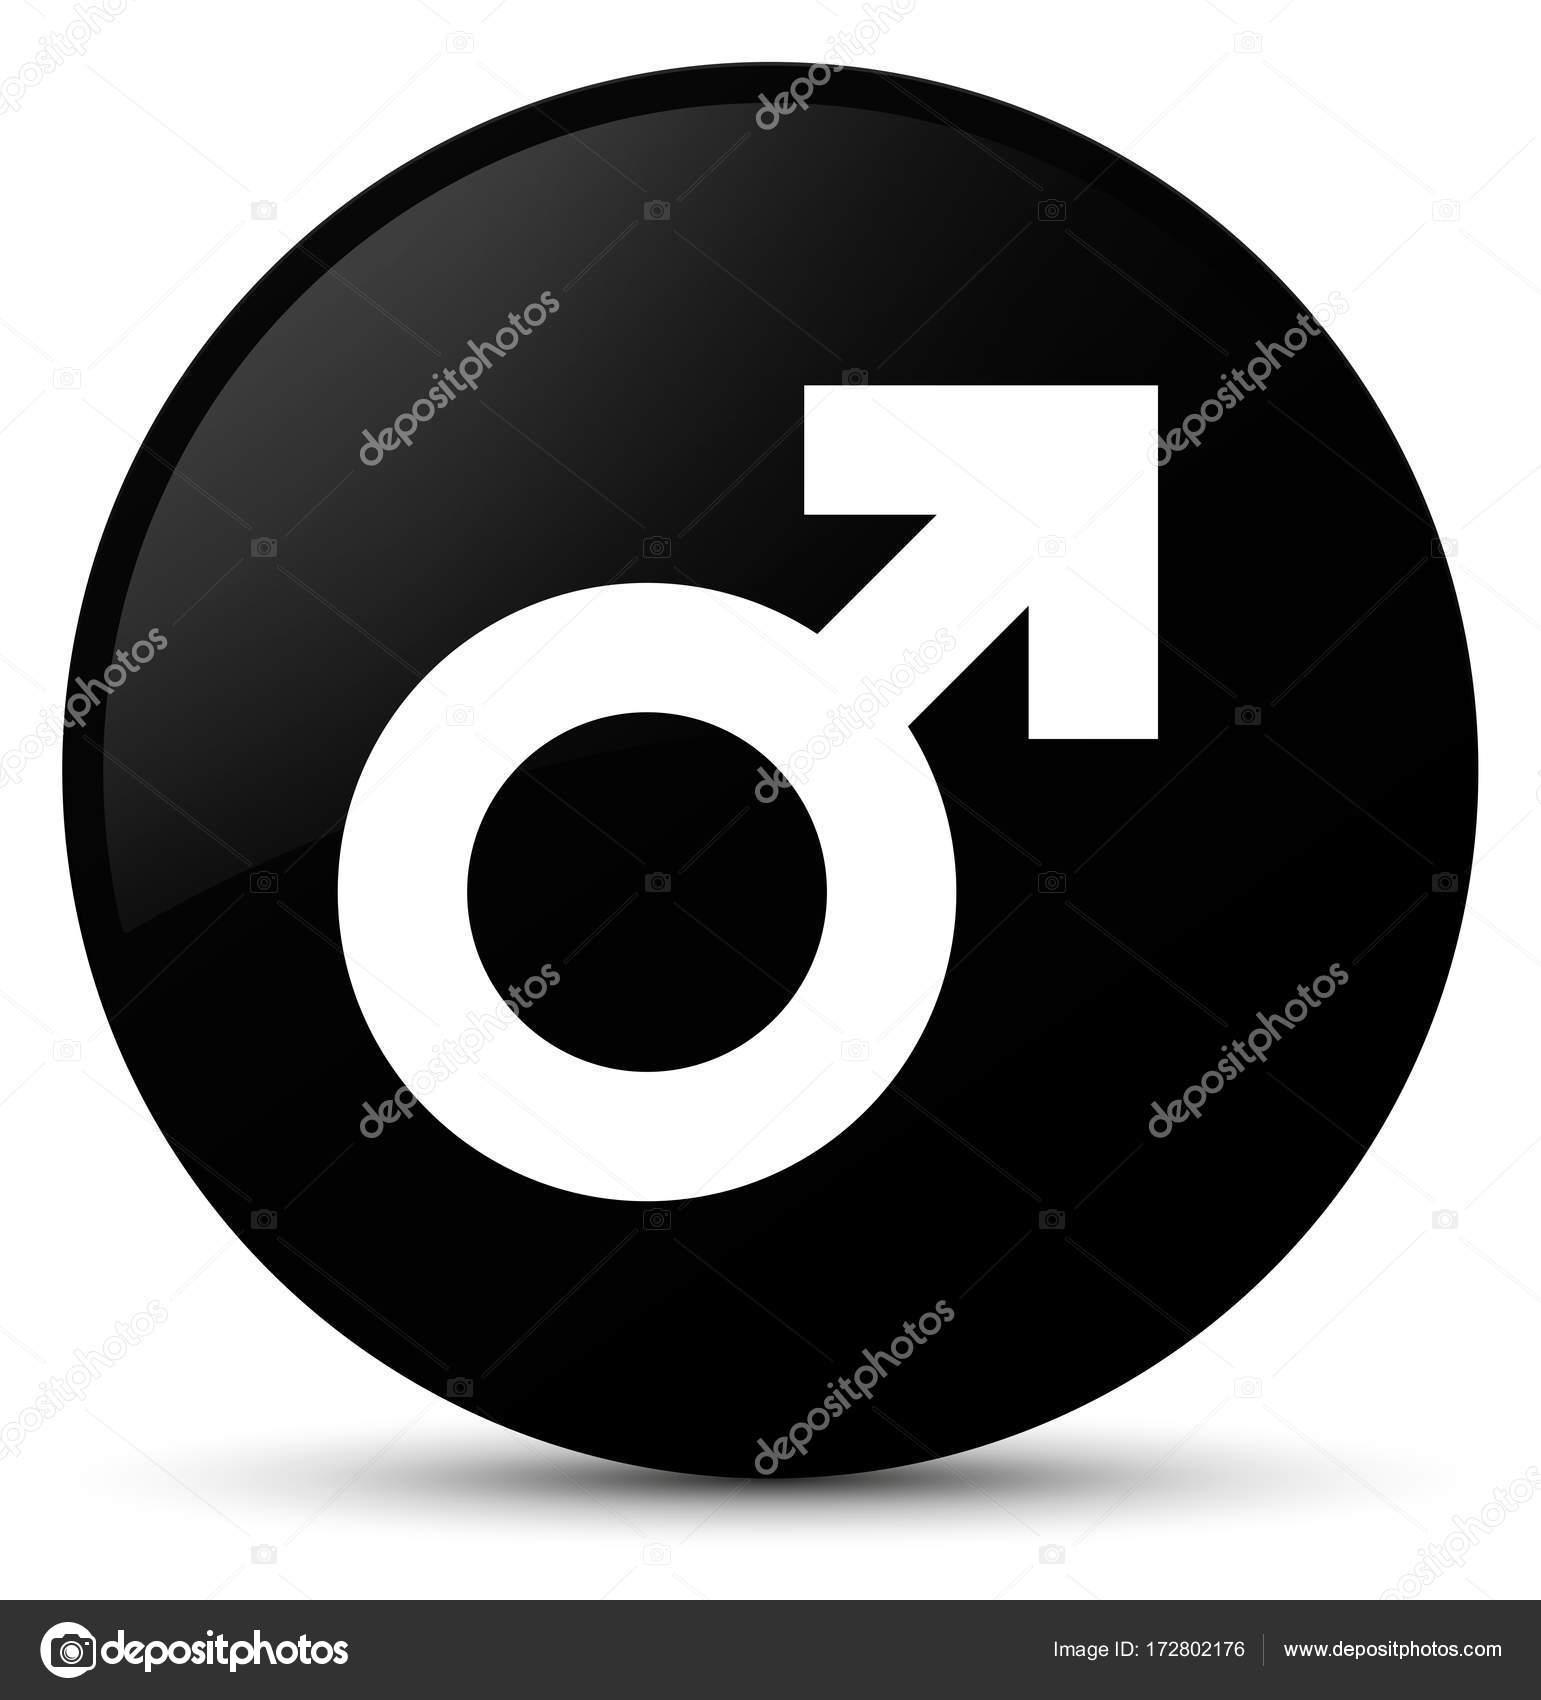 κινούμενα σχέδια πορνό φωτογραφίες λεσβία